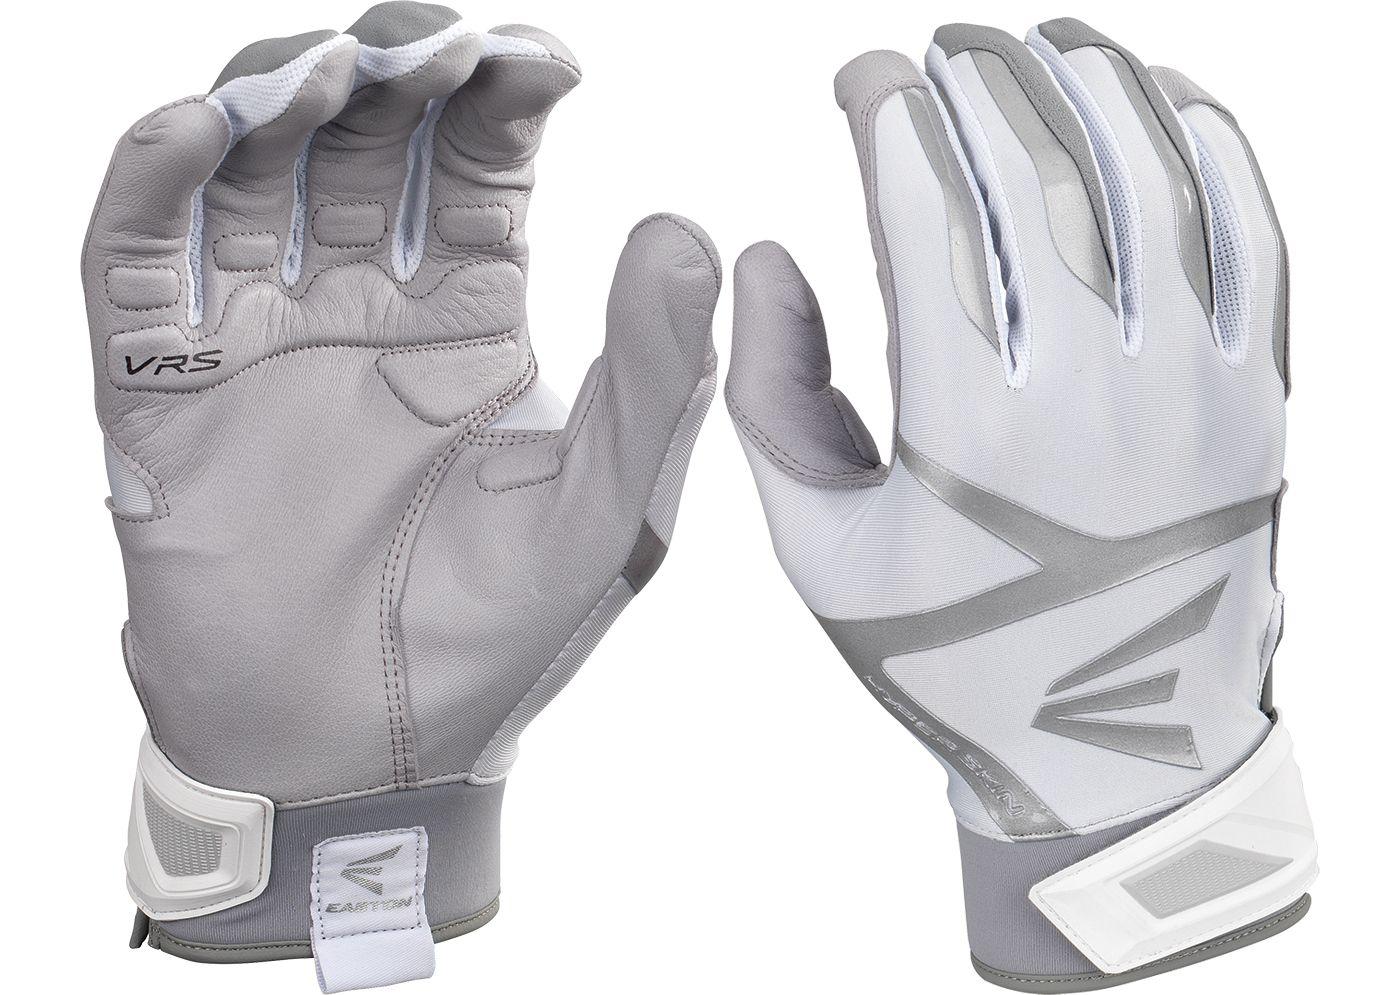 Easton Adult Z7 VRS Hyperskin Batting Gloves